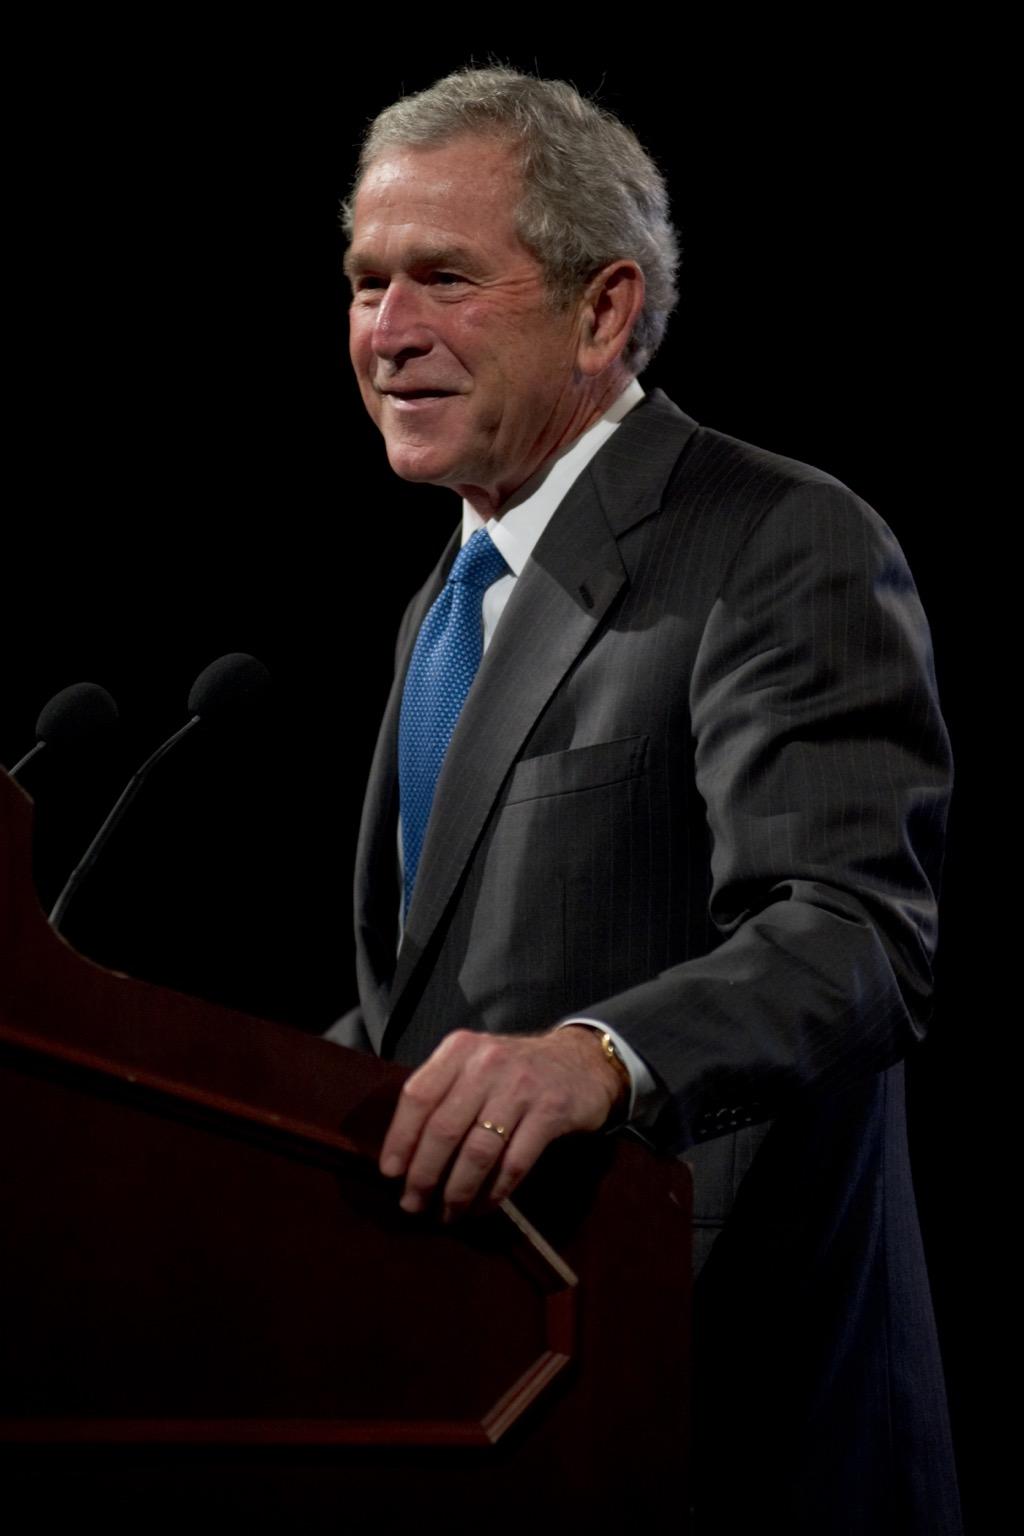 George W. Bush, presidents